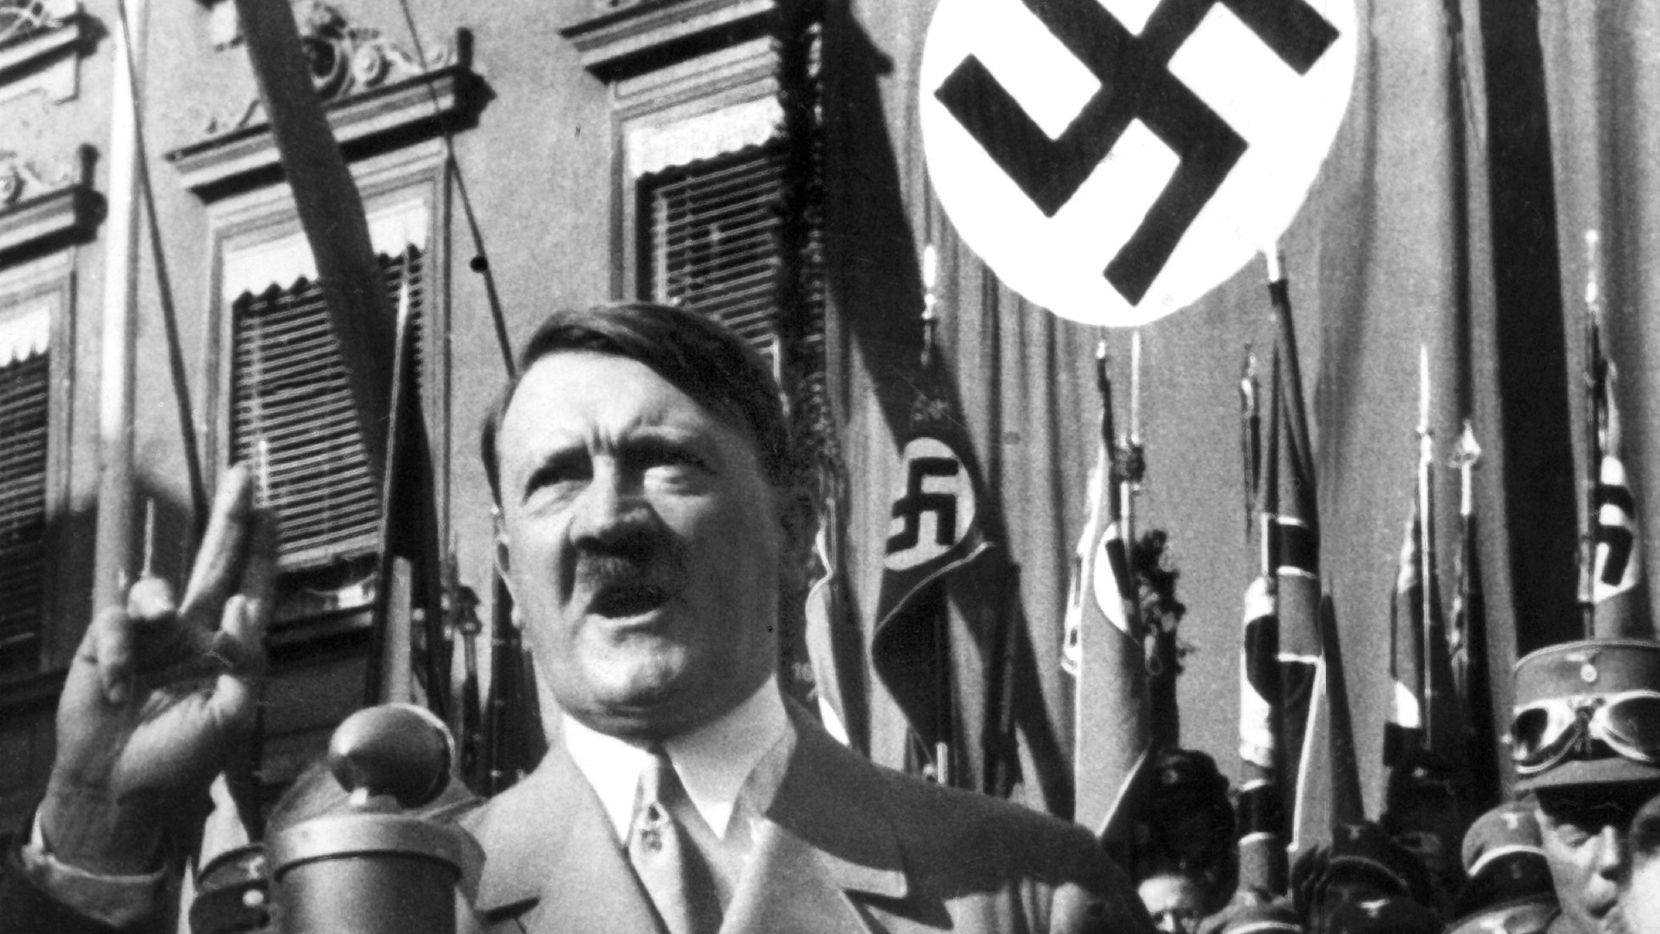 Esta foto de archivo sin fecha muestra al líder nacional socialista Adolfo Hitler pronunciando un discurso.